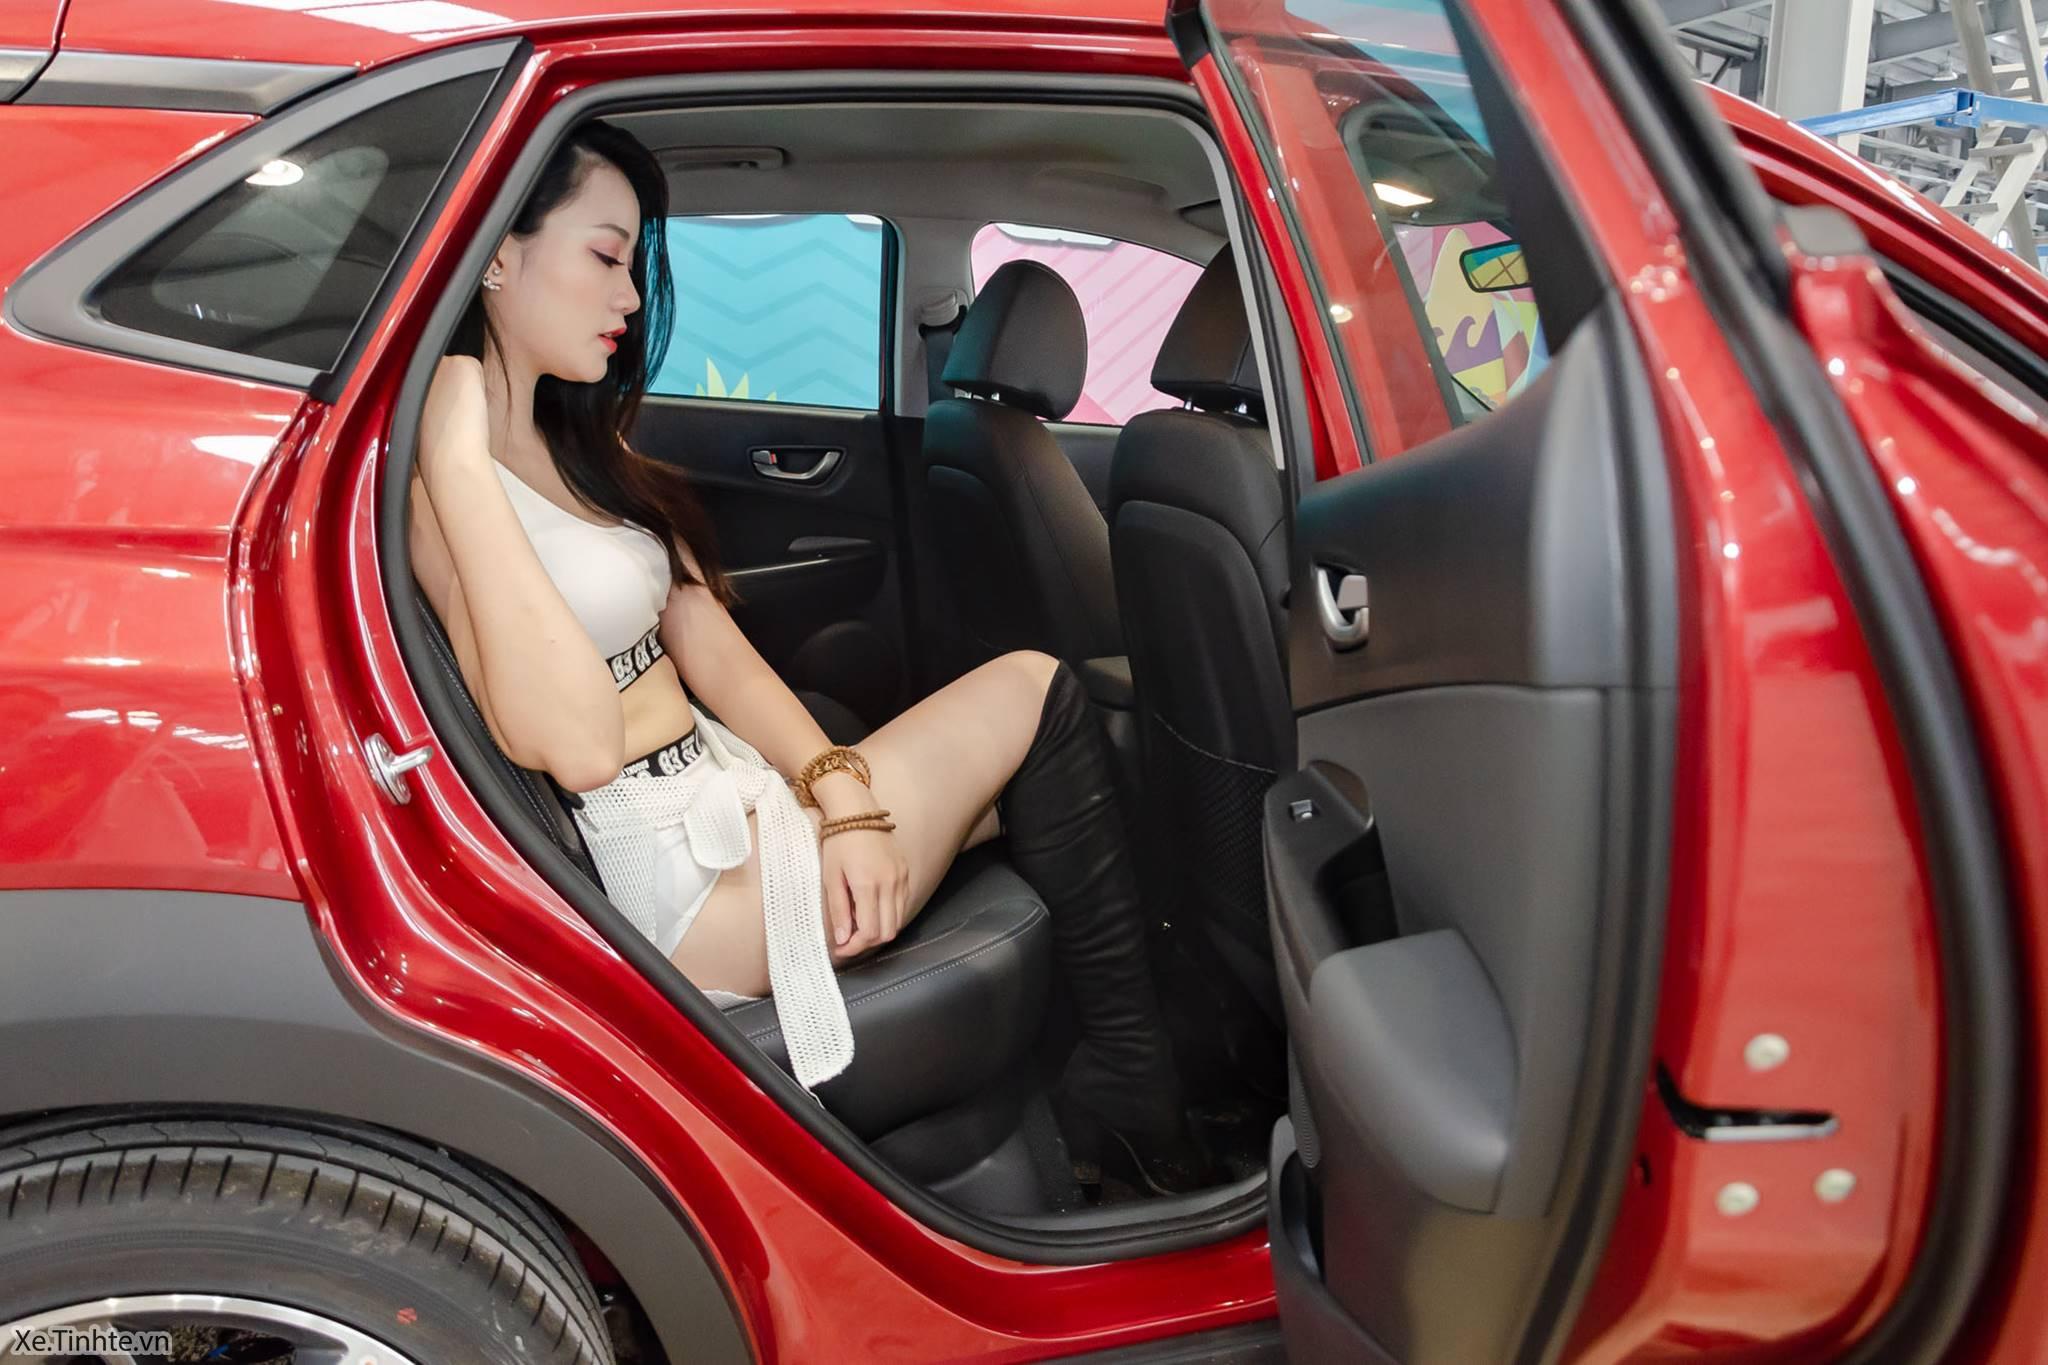 Hyundai_Kona_2018_Xe_Tinhte_DSC_6757.jpg